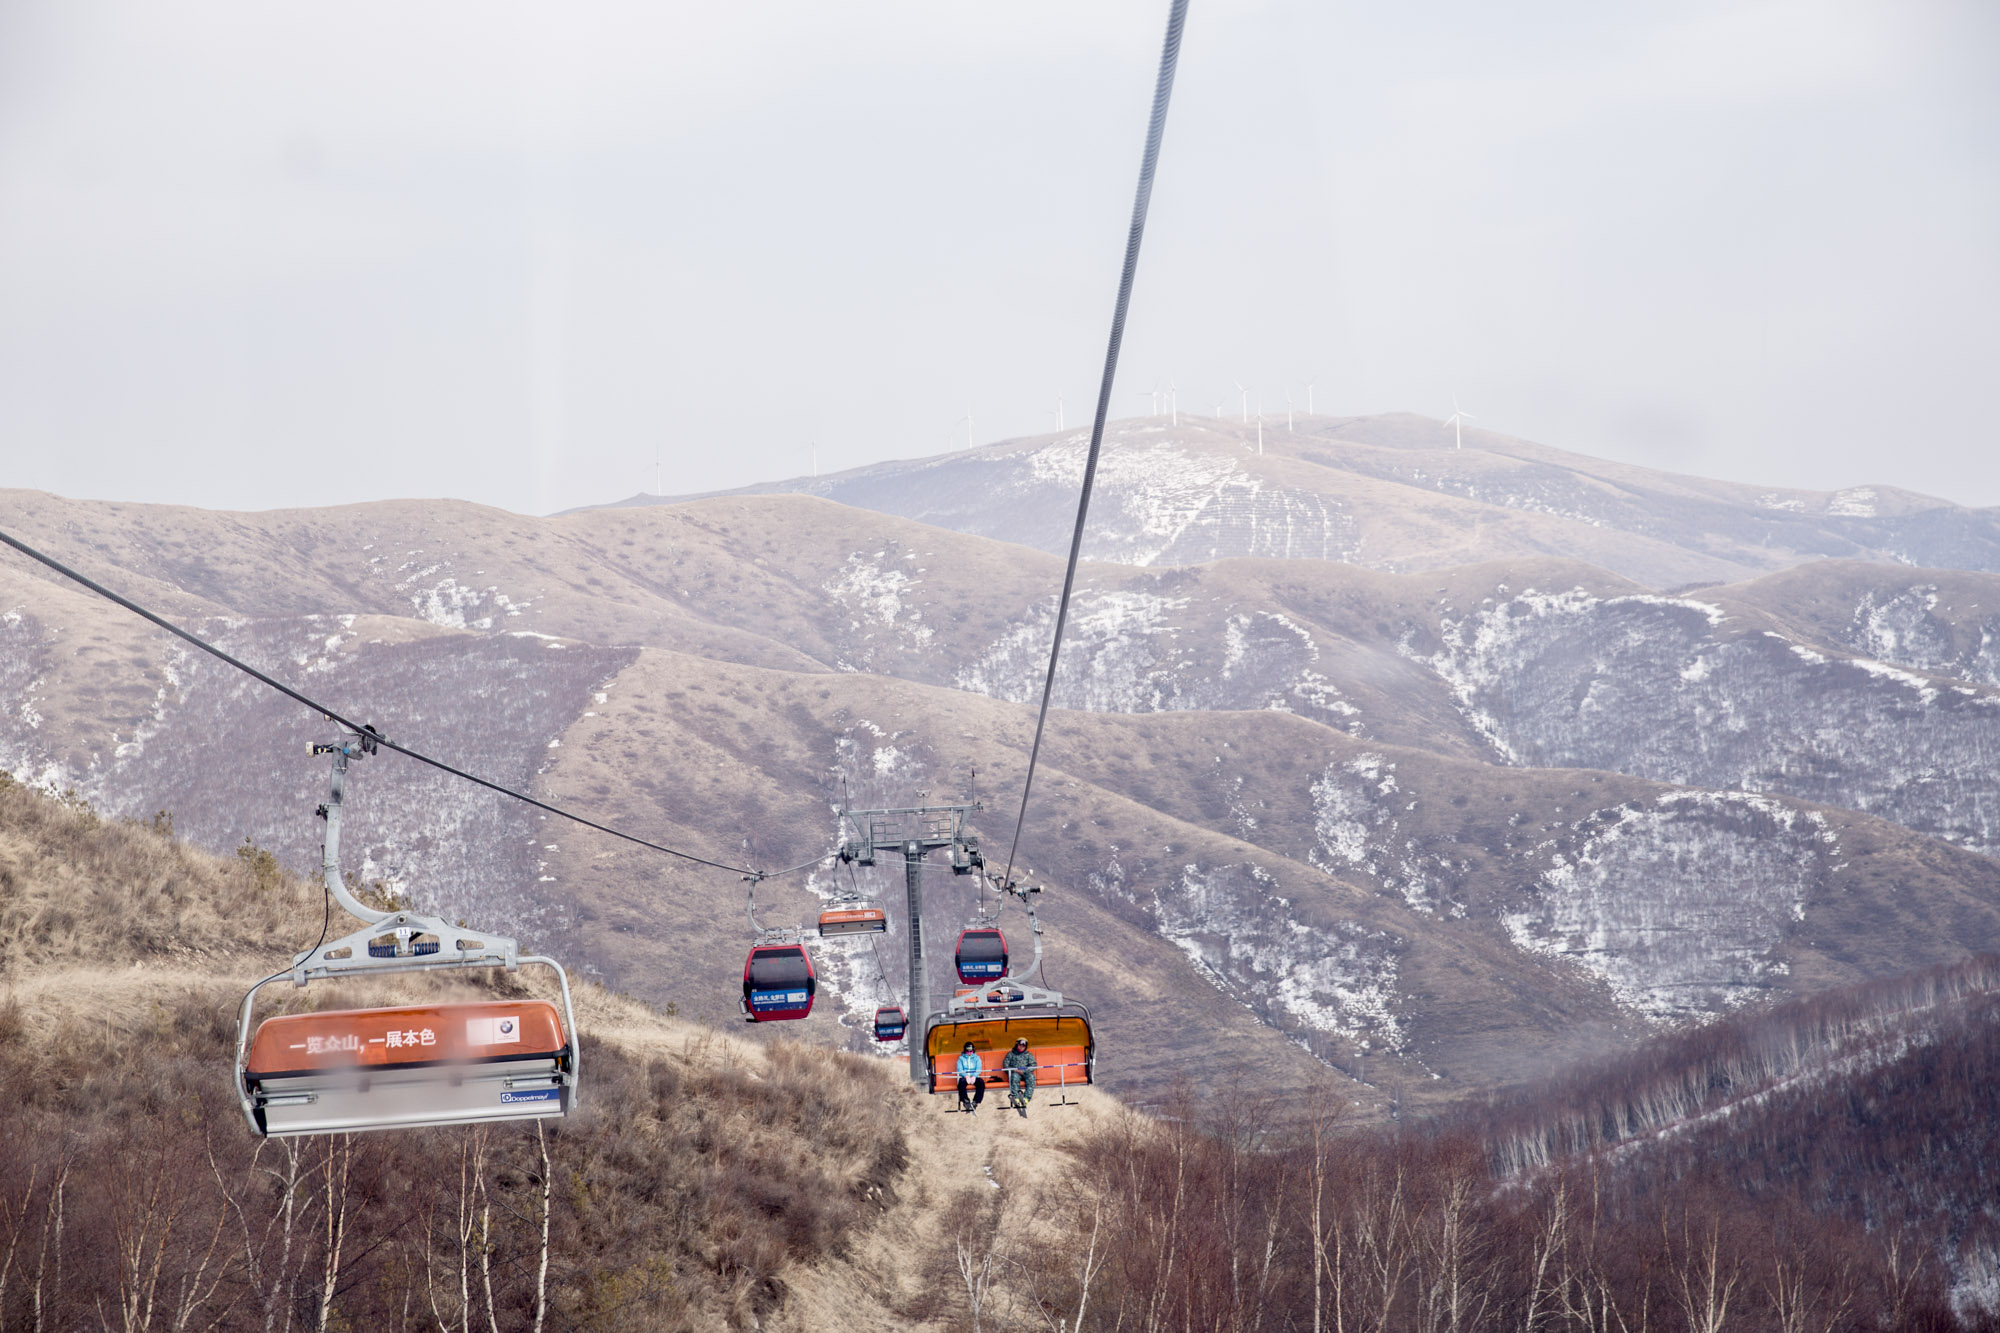 skiing revolution-6.jpg